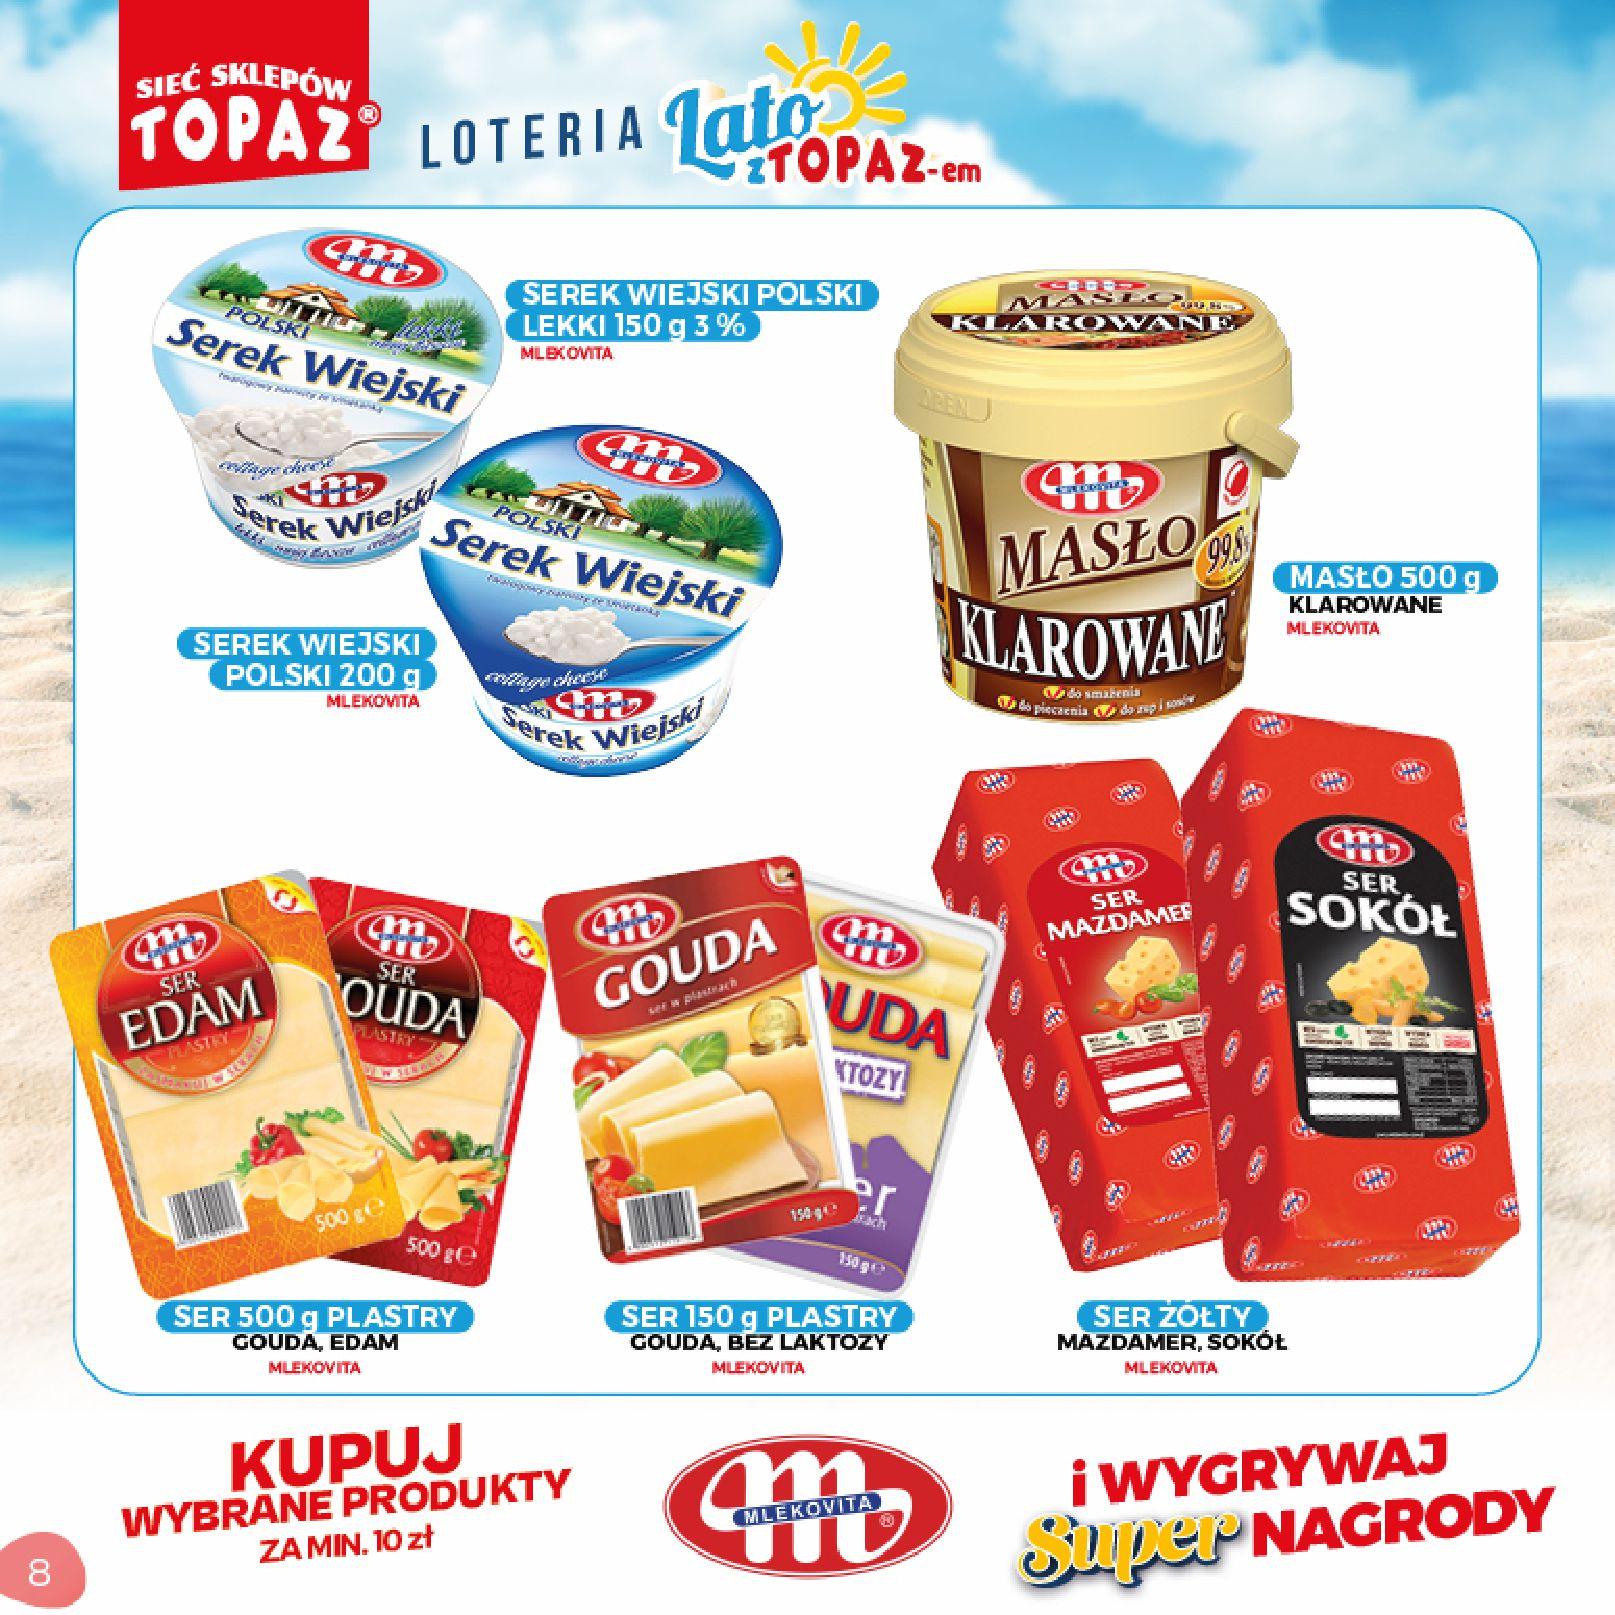 Gazetka TOPAZ: Gazetka TOPAZ - Loteria 2021-07-05 page-8